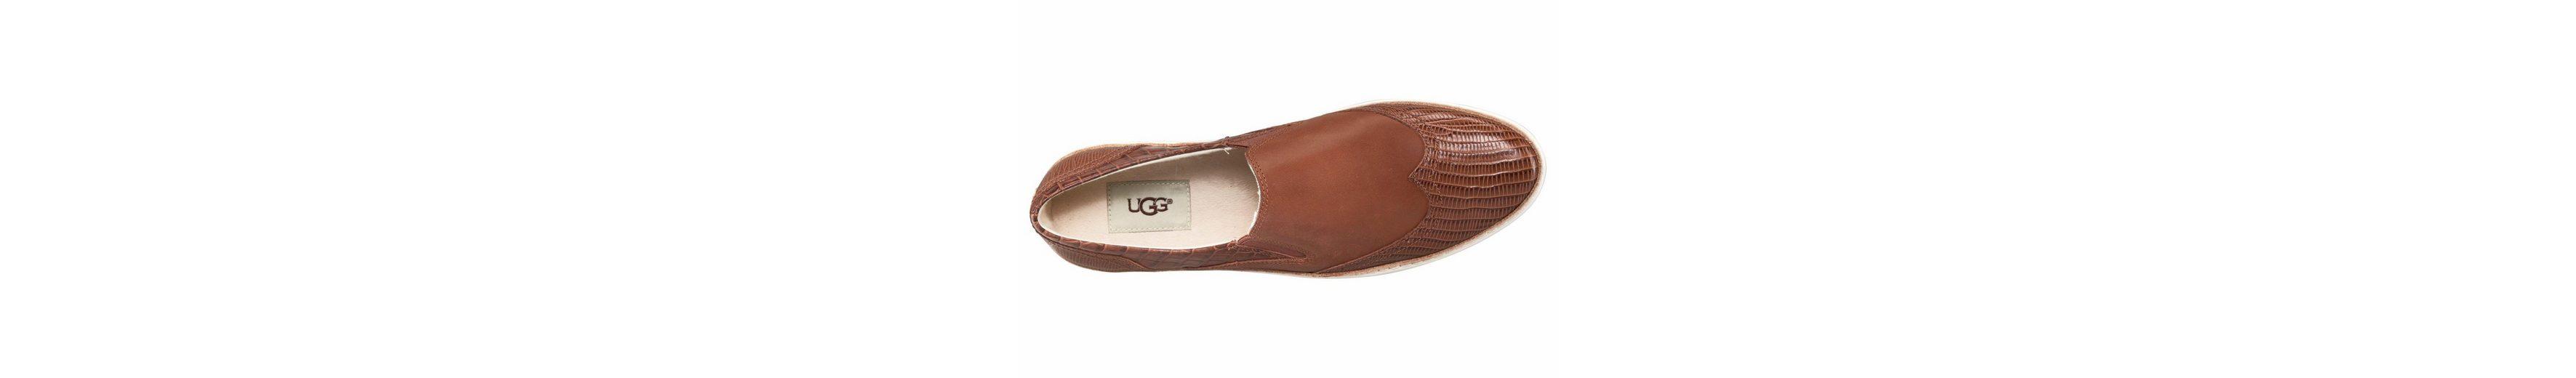 UGG Hadira Croco Slipper, mit toller Croco-Prägung